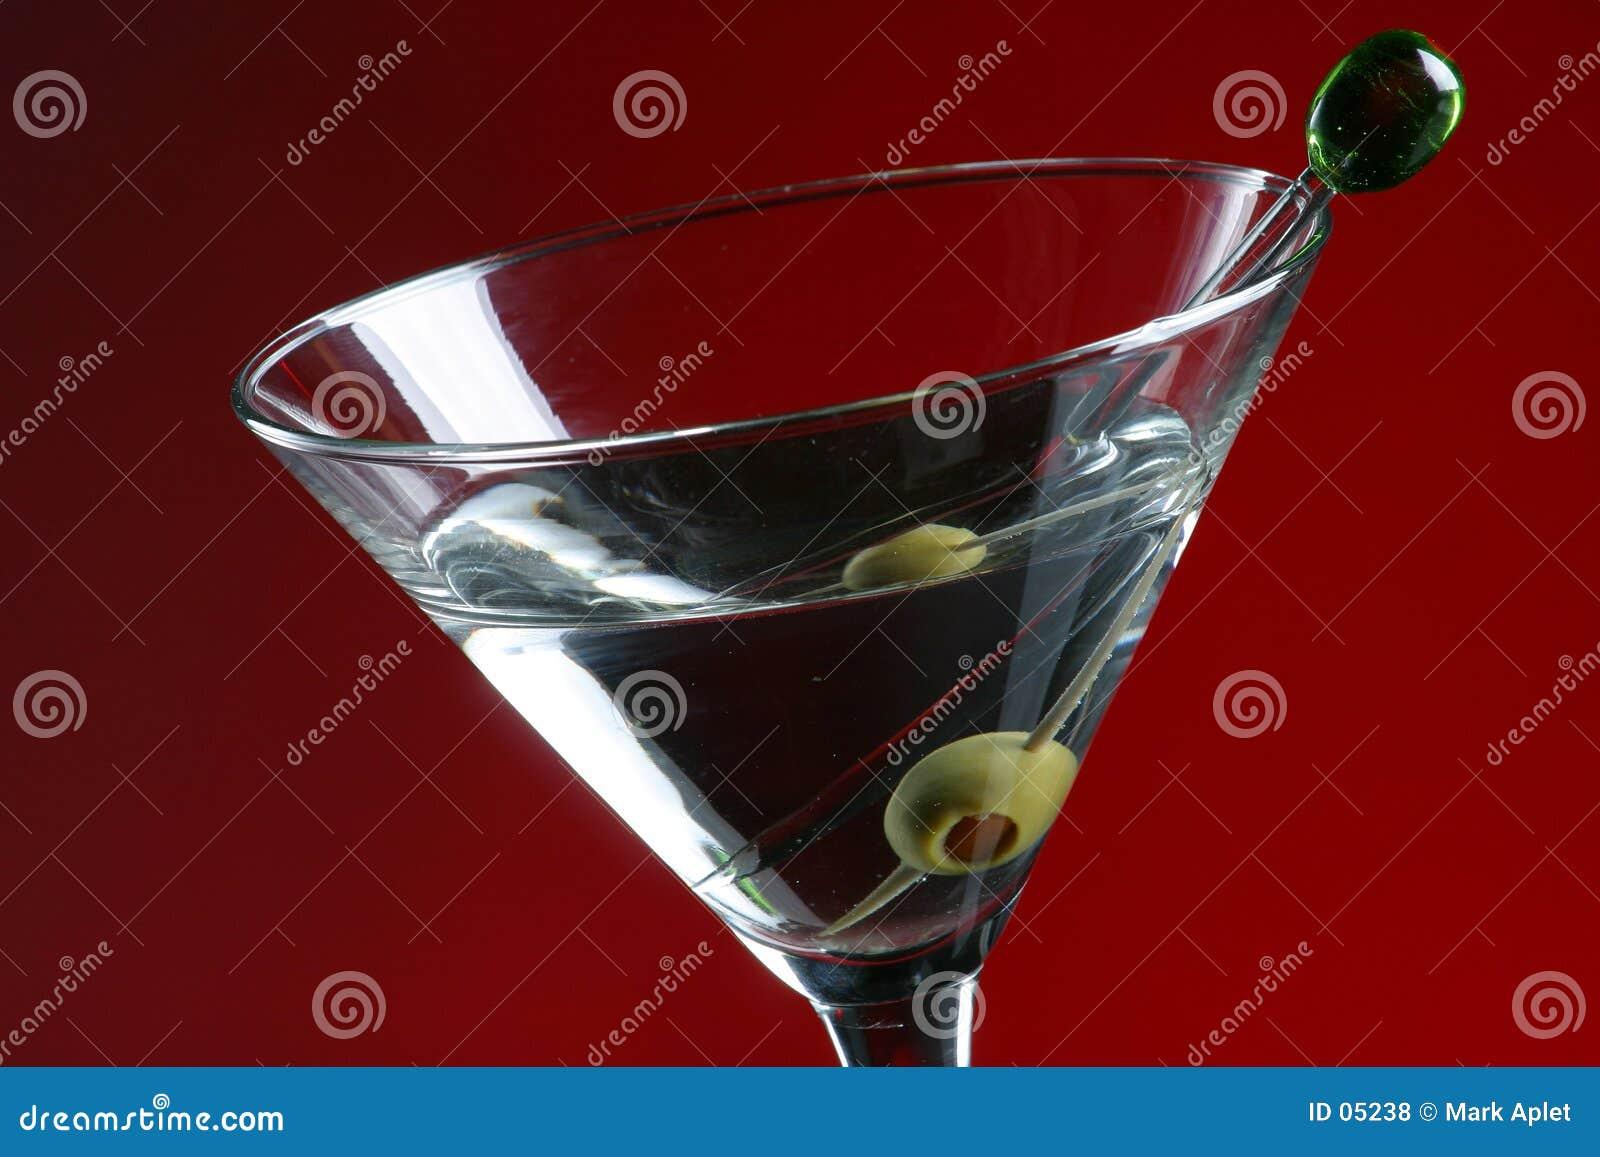 马蒂尼鸡尾酒橄榄